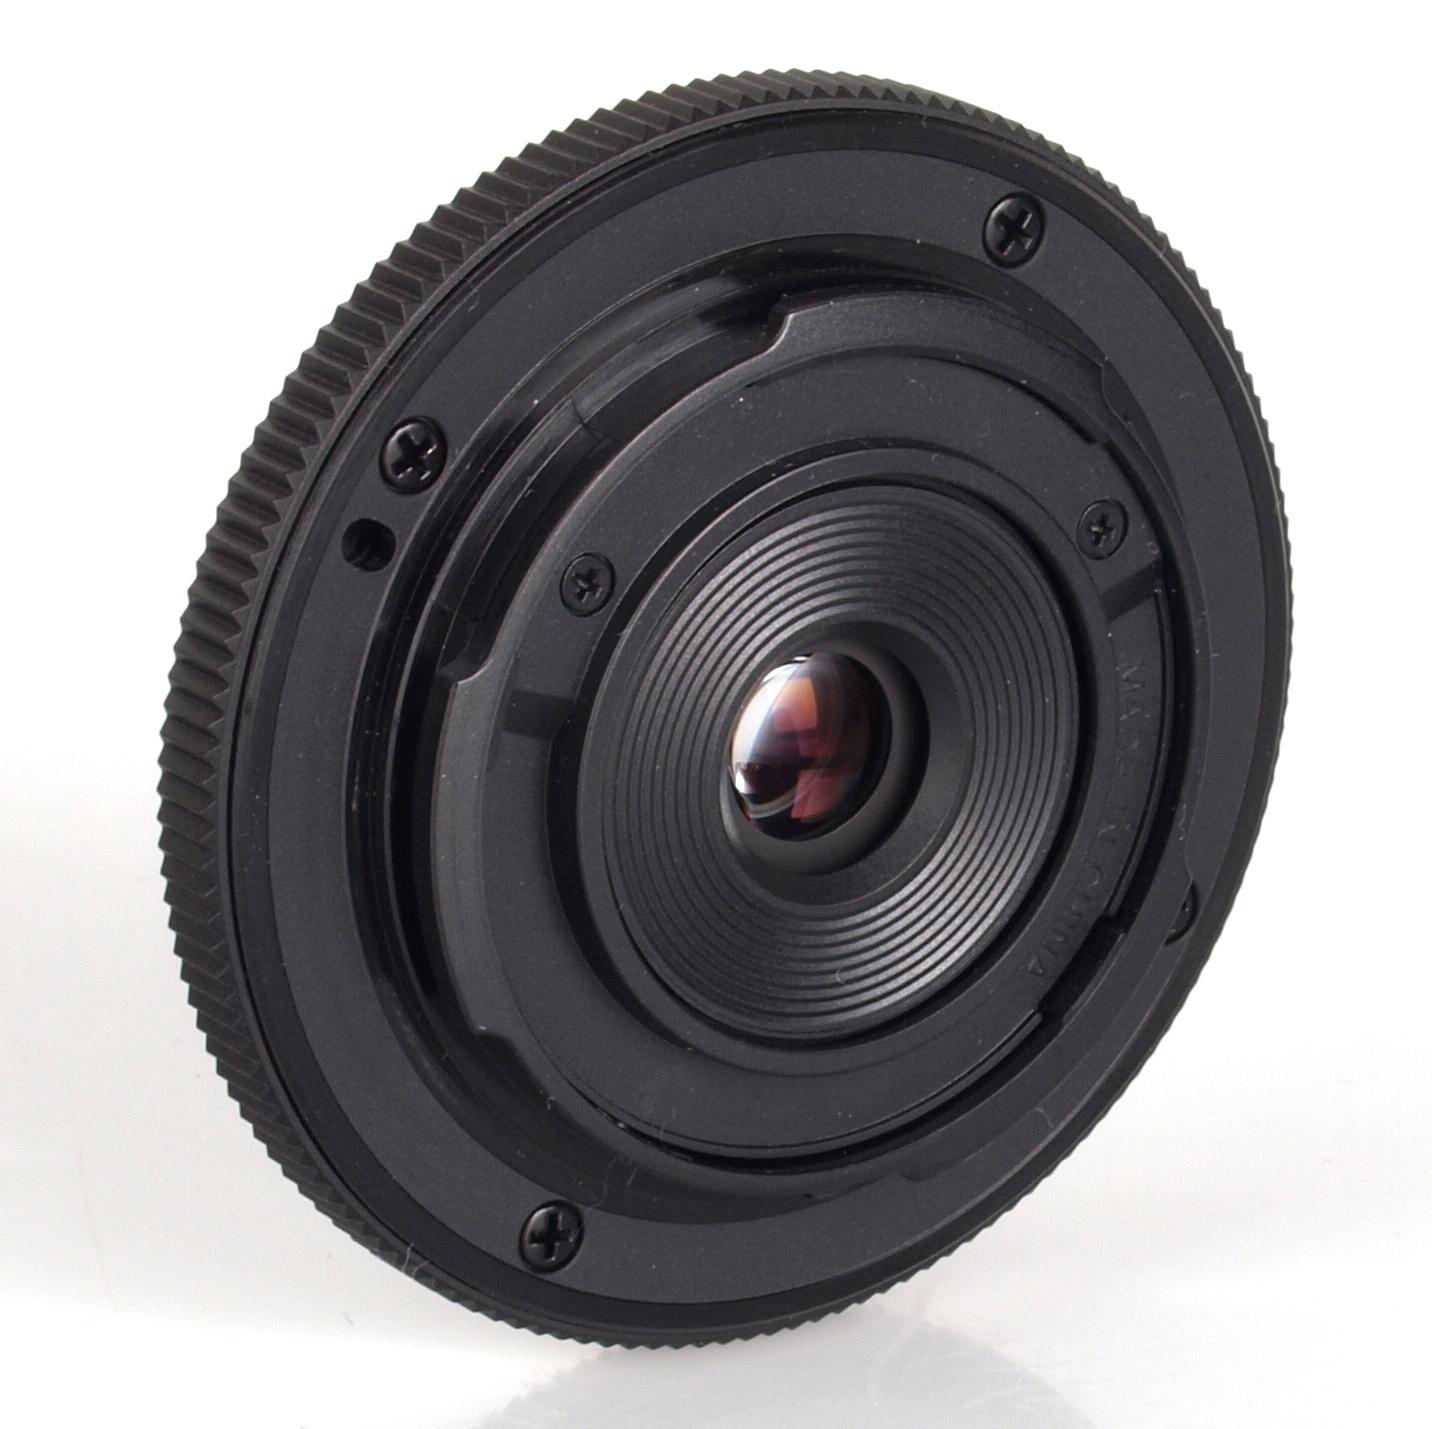 Olympus 15mm F 8 0 Body Cap Lens Review